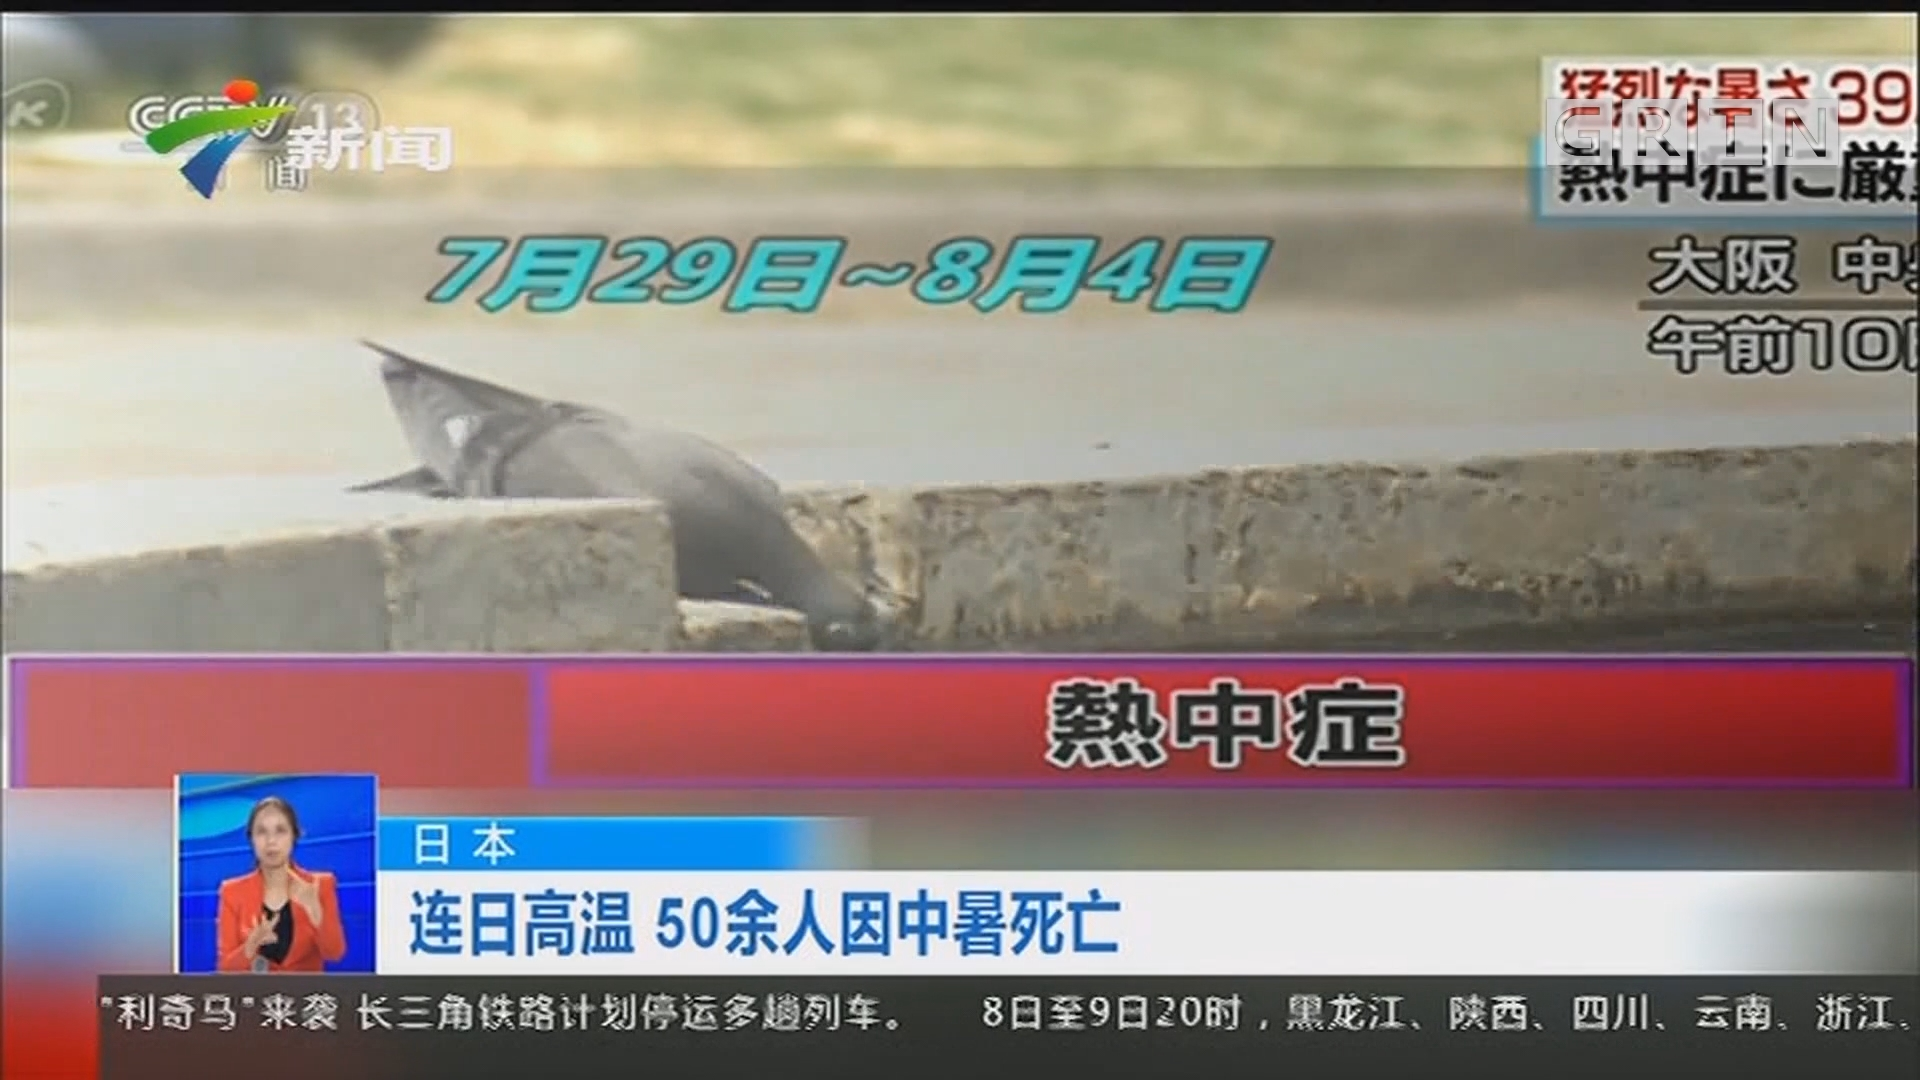 日本:连日高温 50余人因中暑死亡